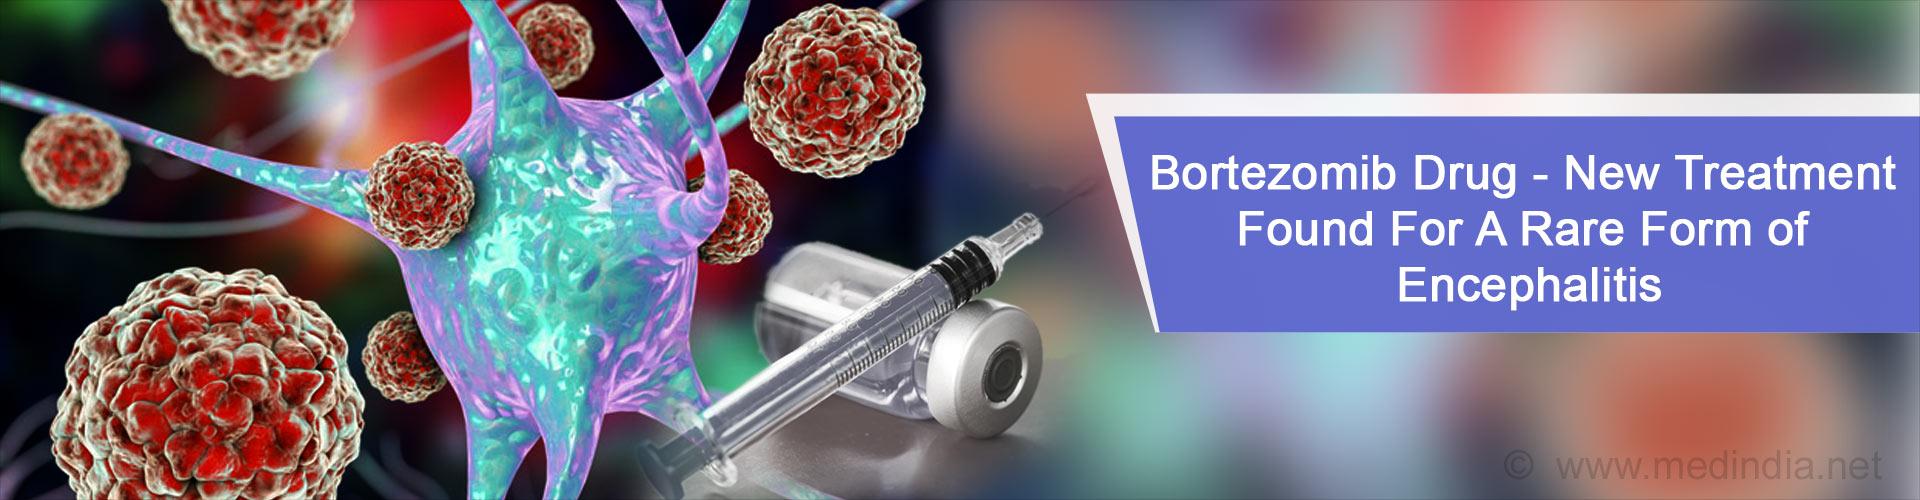 Rare Form of Encephalitis Can Now Be Treated Using Bortezomib Drug